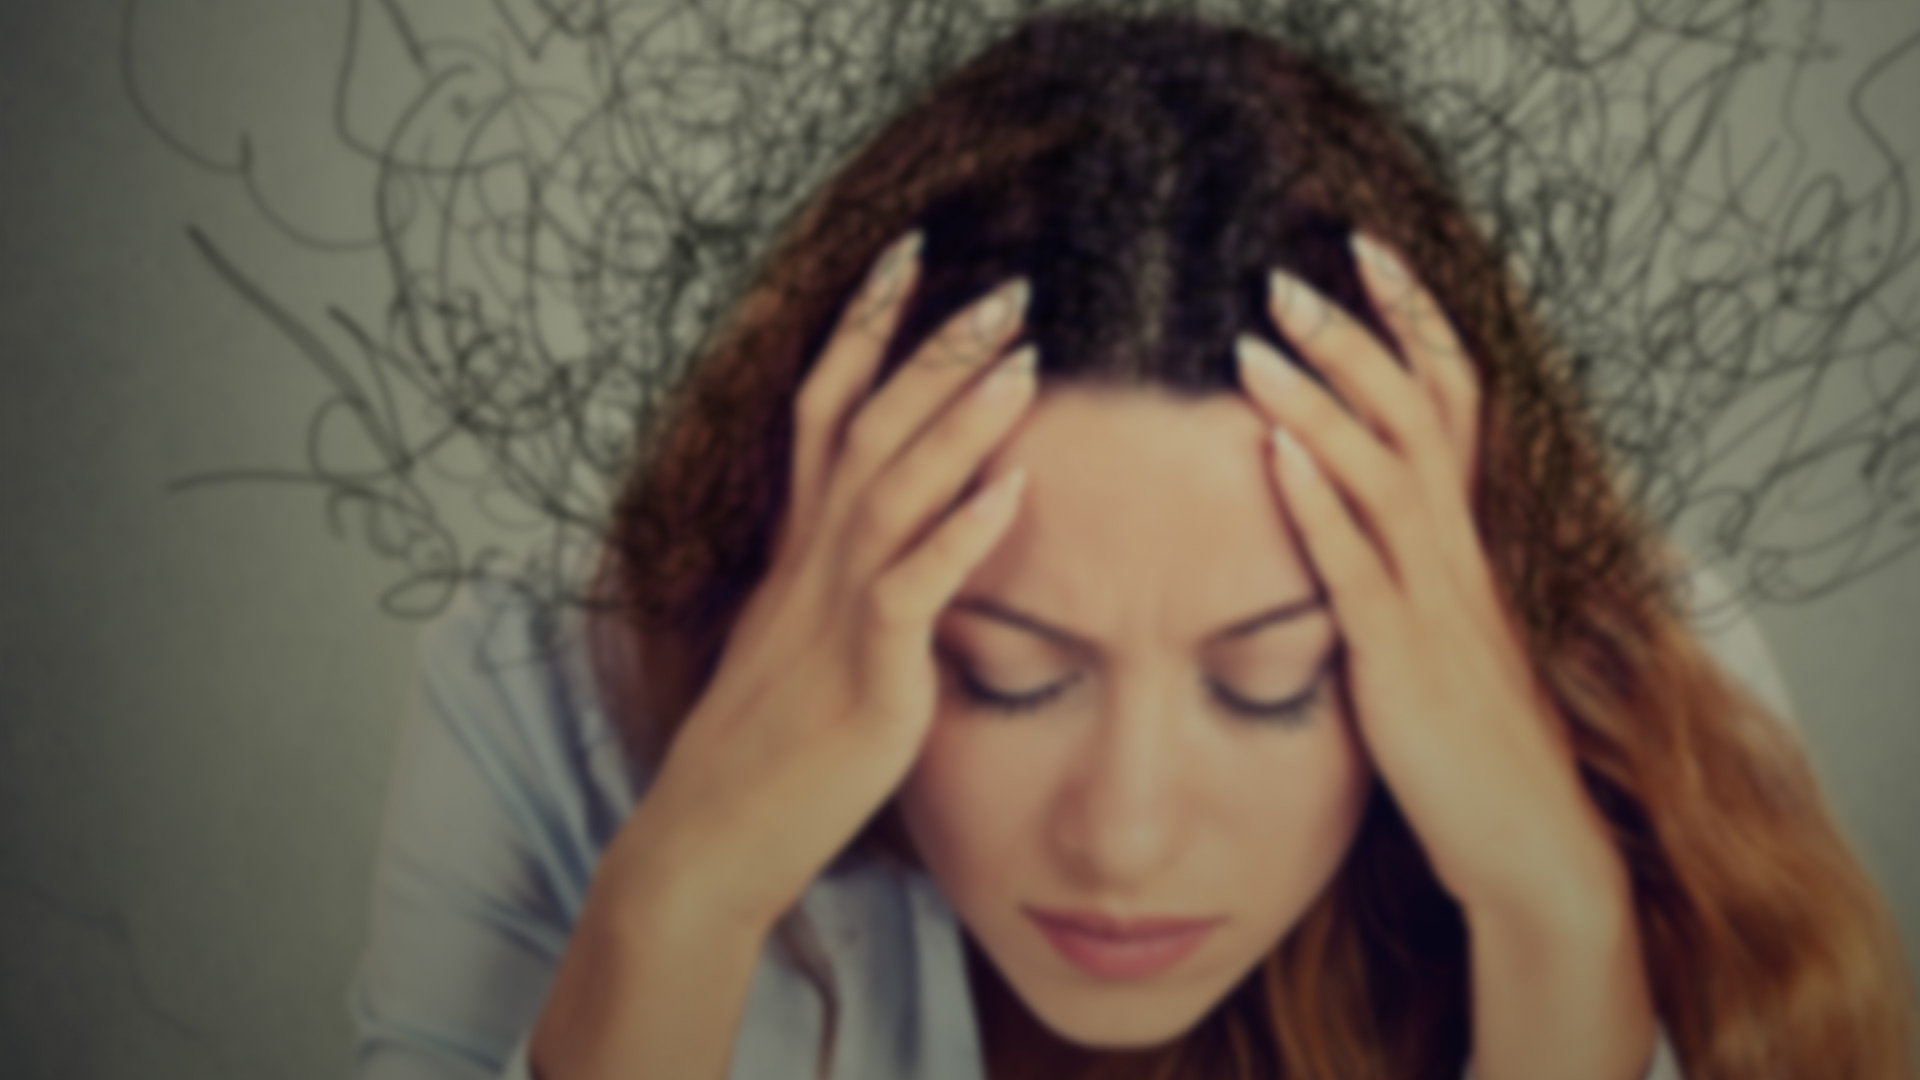 Durante a quarentena, cresce a procura por apoio psicológico